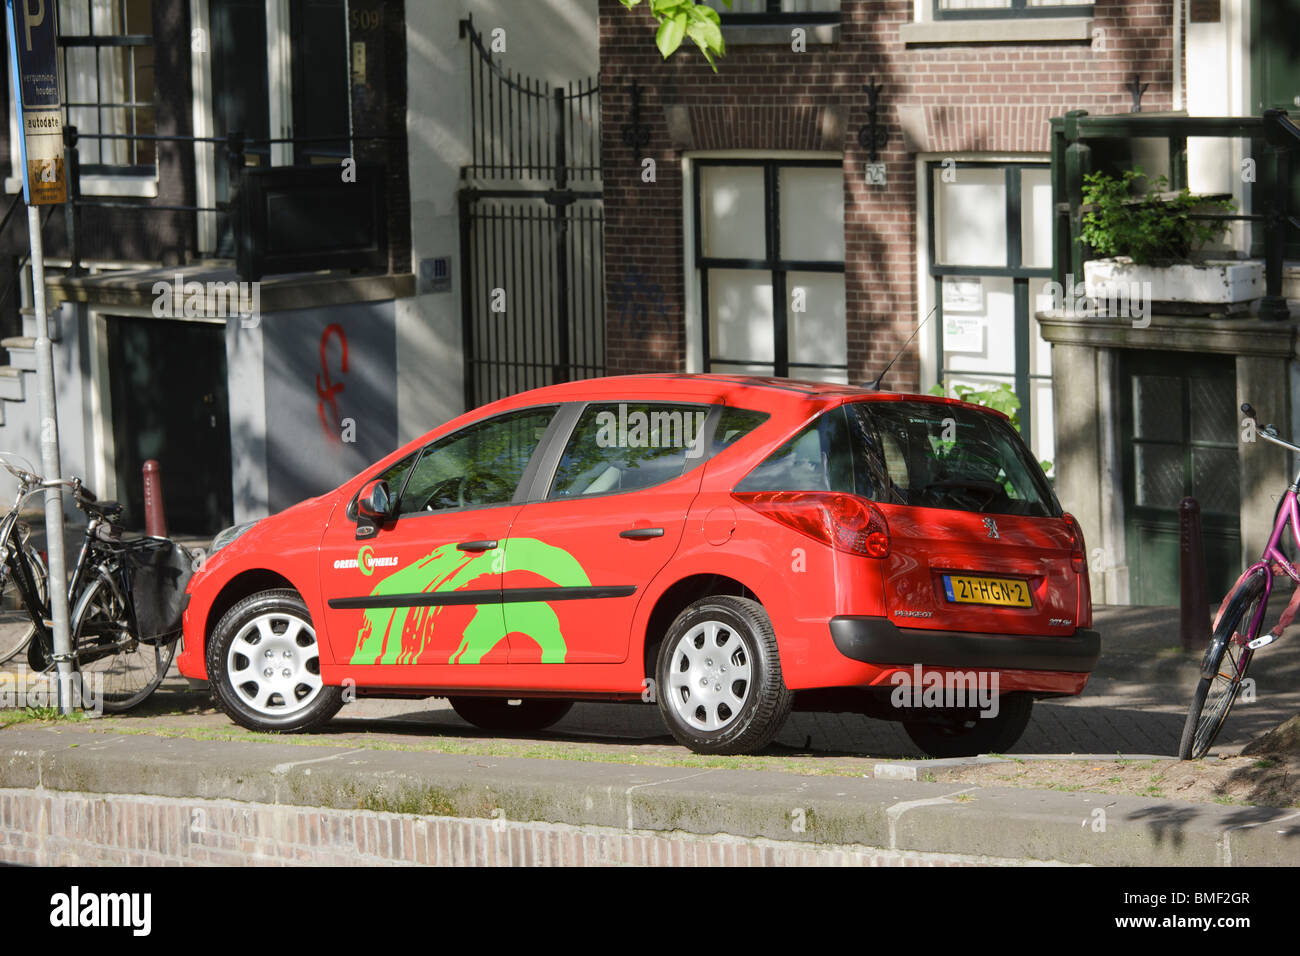 Un verde di ruote per auto car sharing, incontri, noleggio a breve termine, su un canale di Amsterdam. Peugeot 207. Immagini Stock